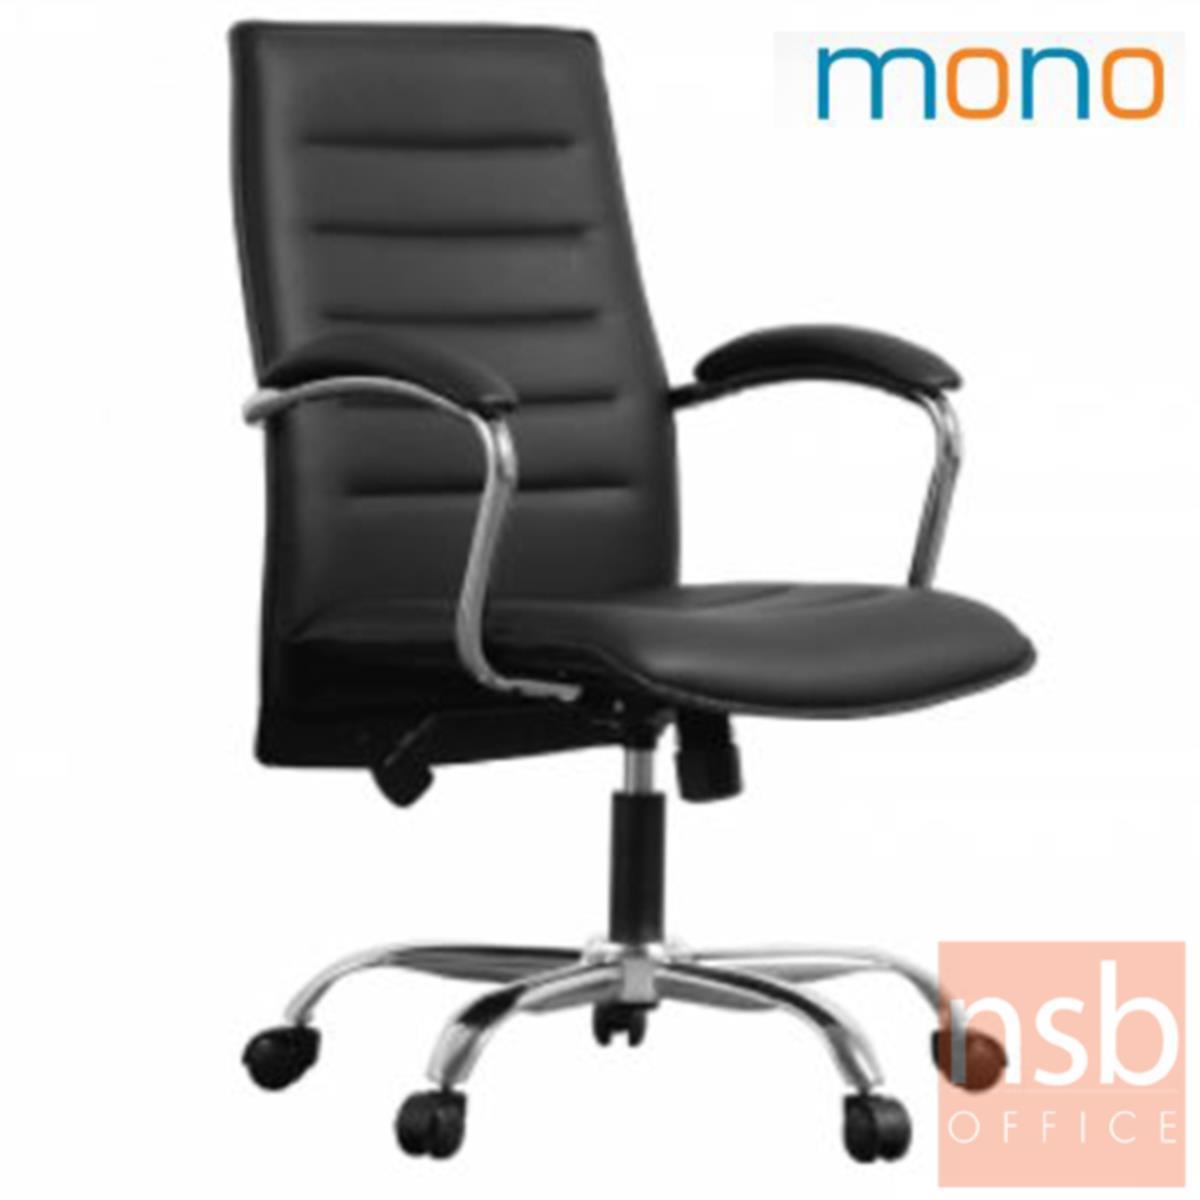 เก้าอี้สำนักงาน รุ่น MN-SOM  มีก้อนโยก ขาเหล็กชุบโครเมี่ยม